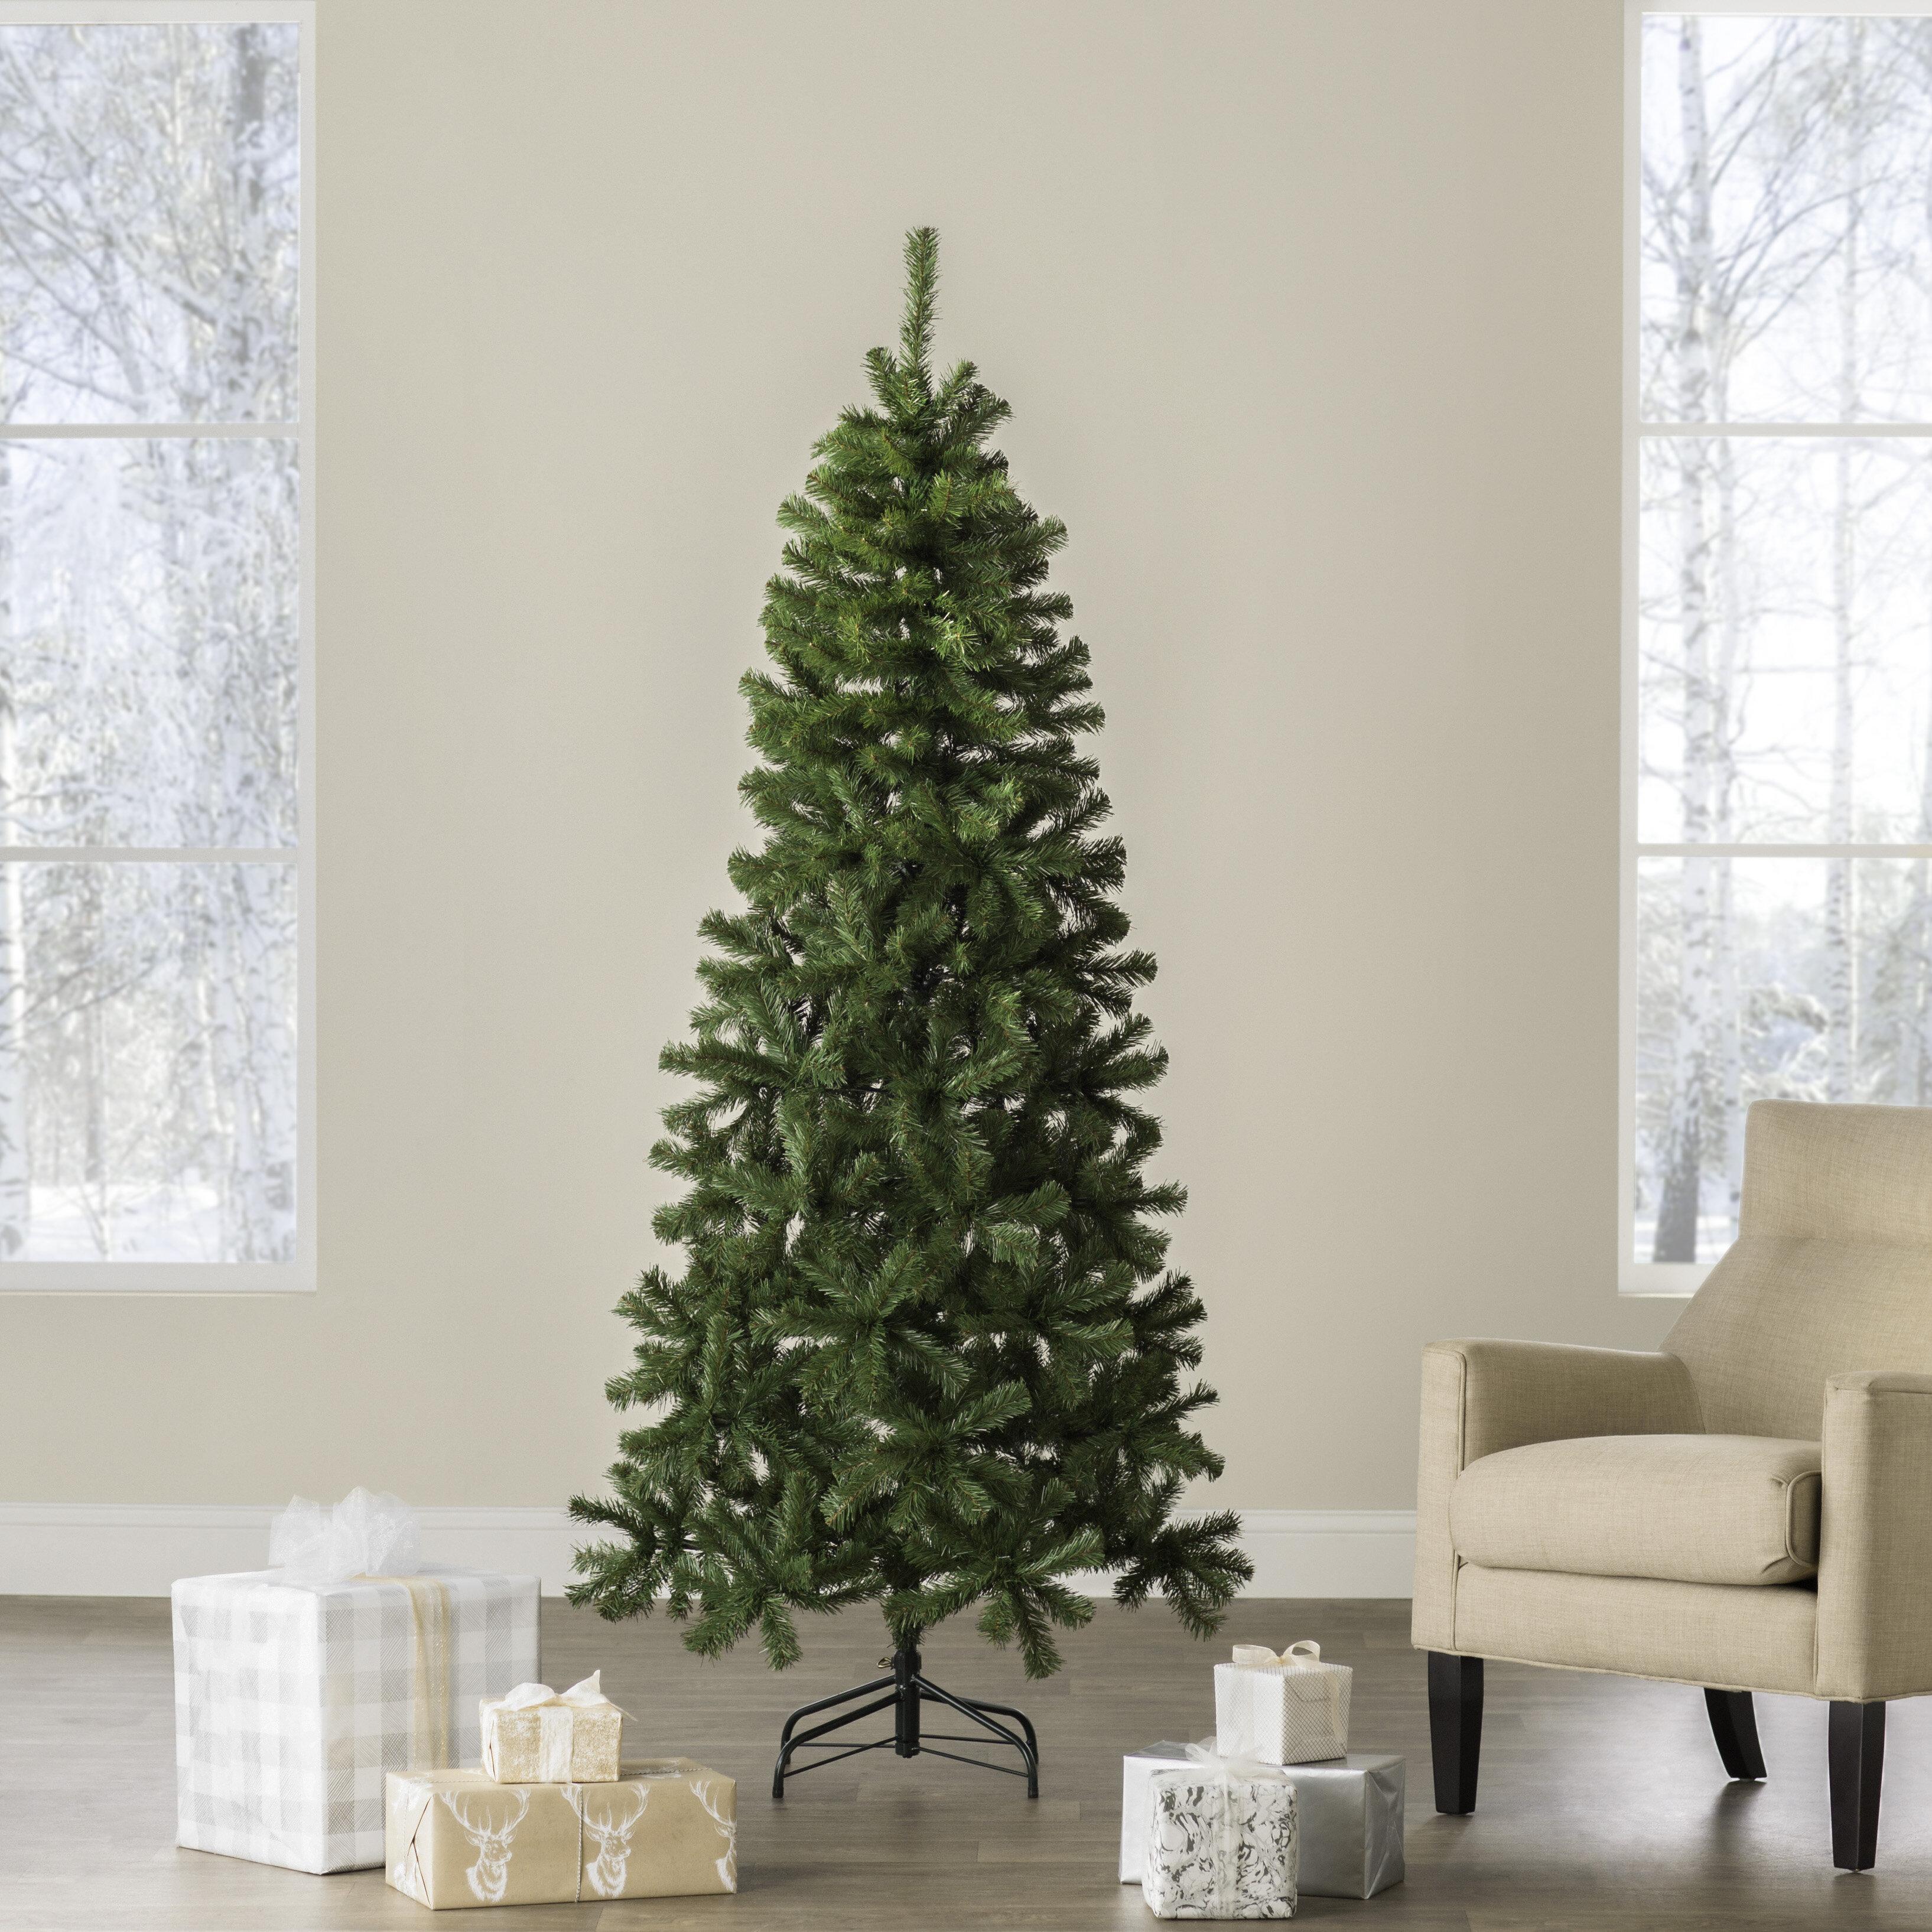 Wayfair Basics Green Fir Artificial Christmas Tree Reviews Wayfair